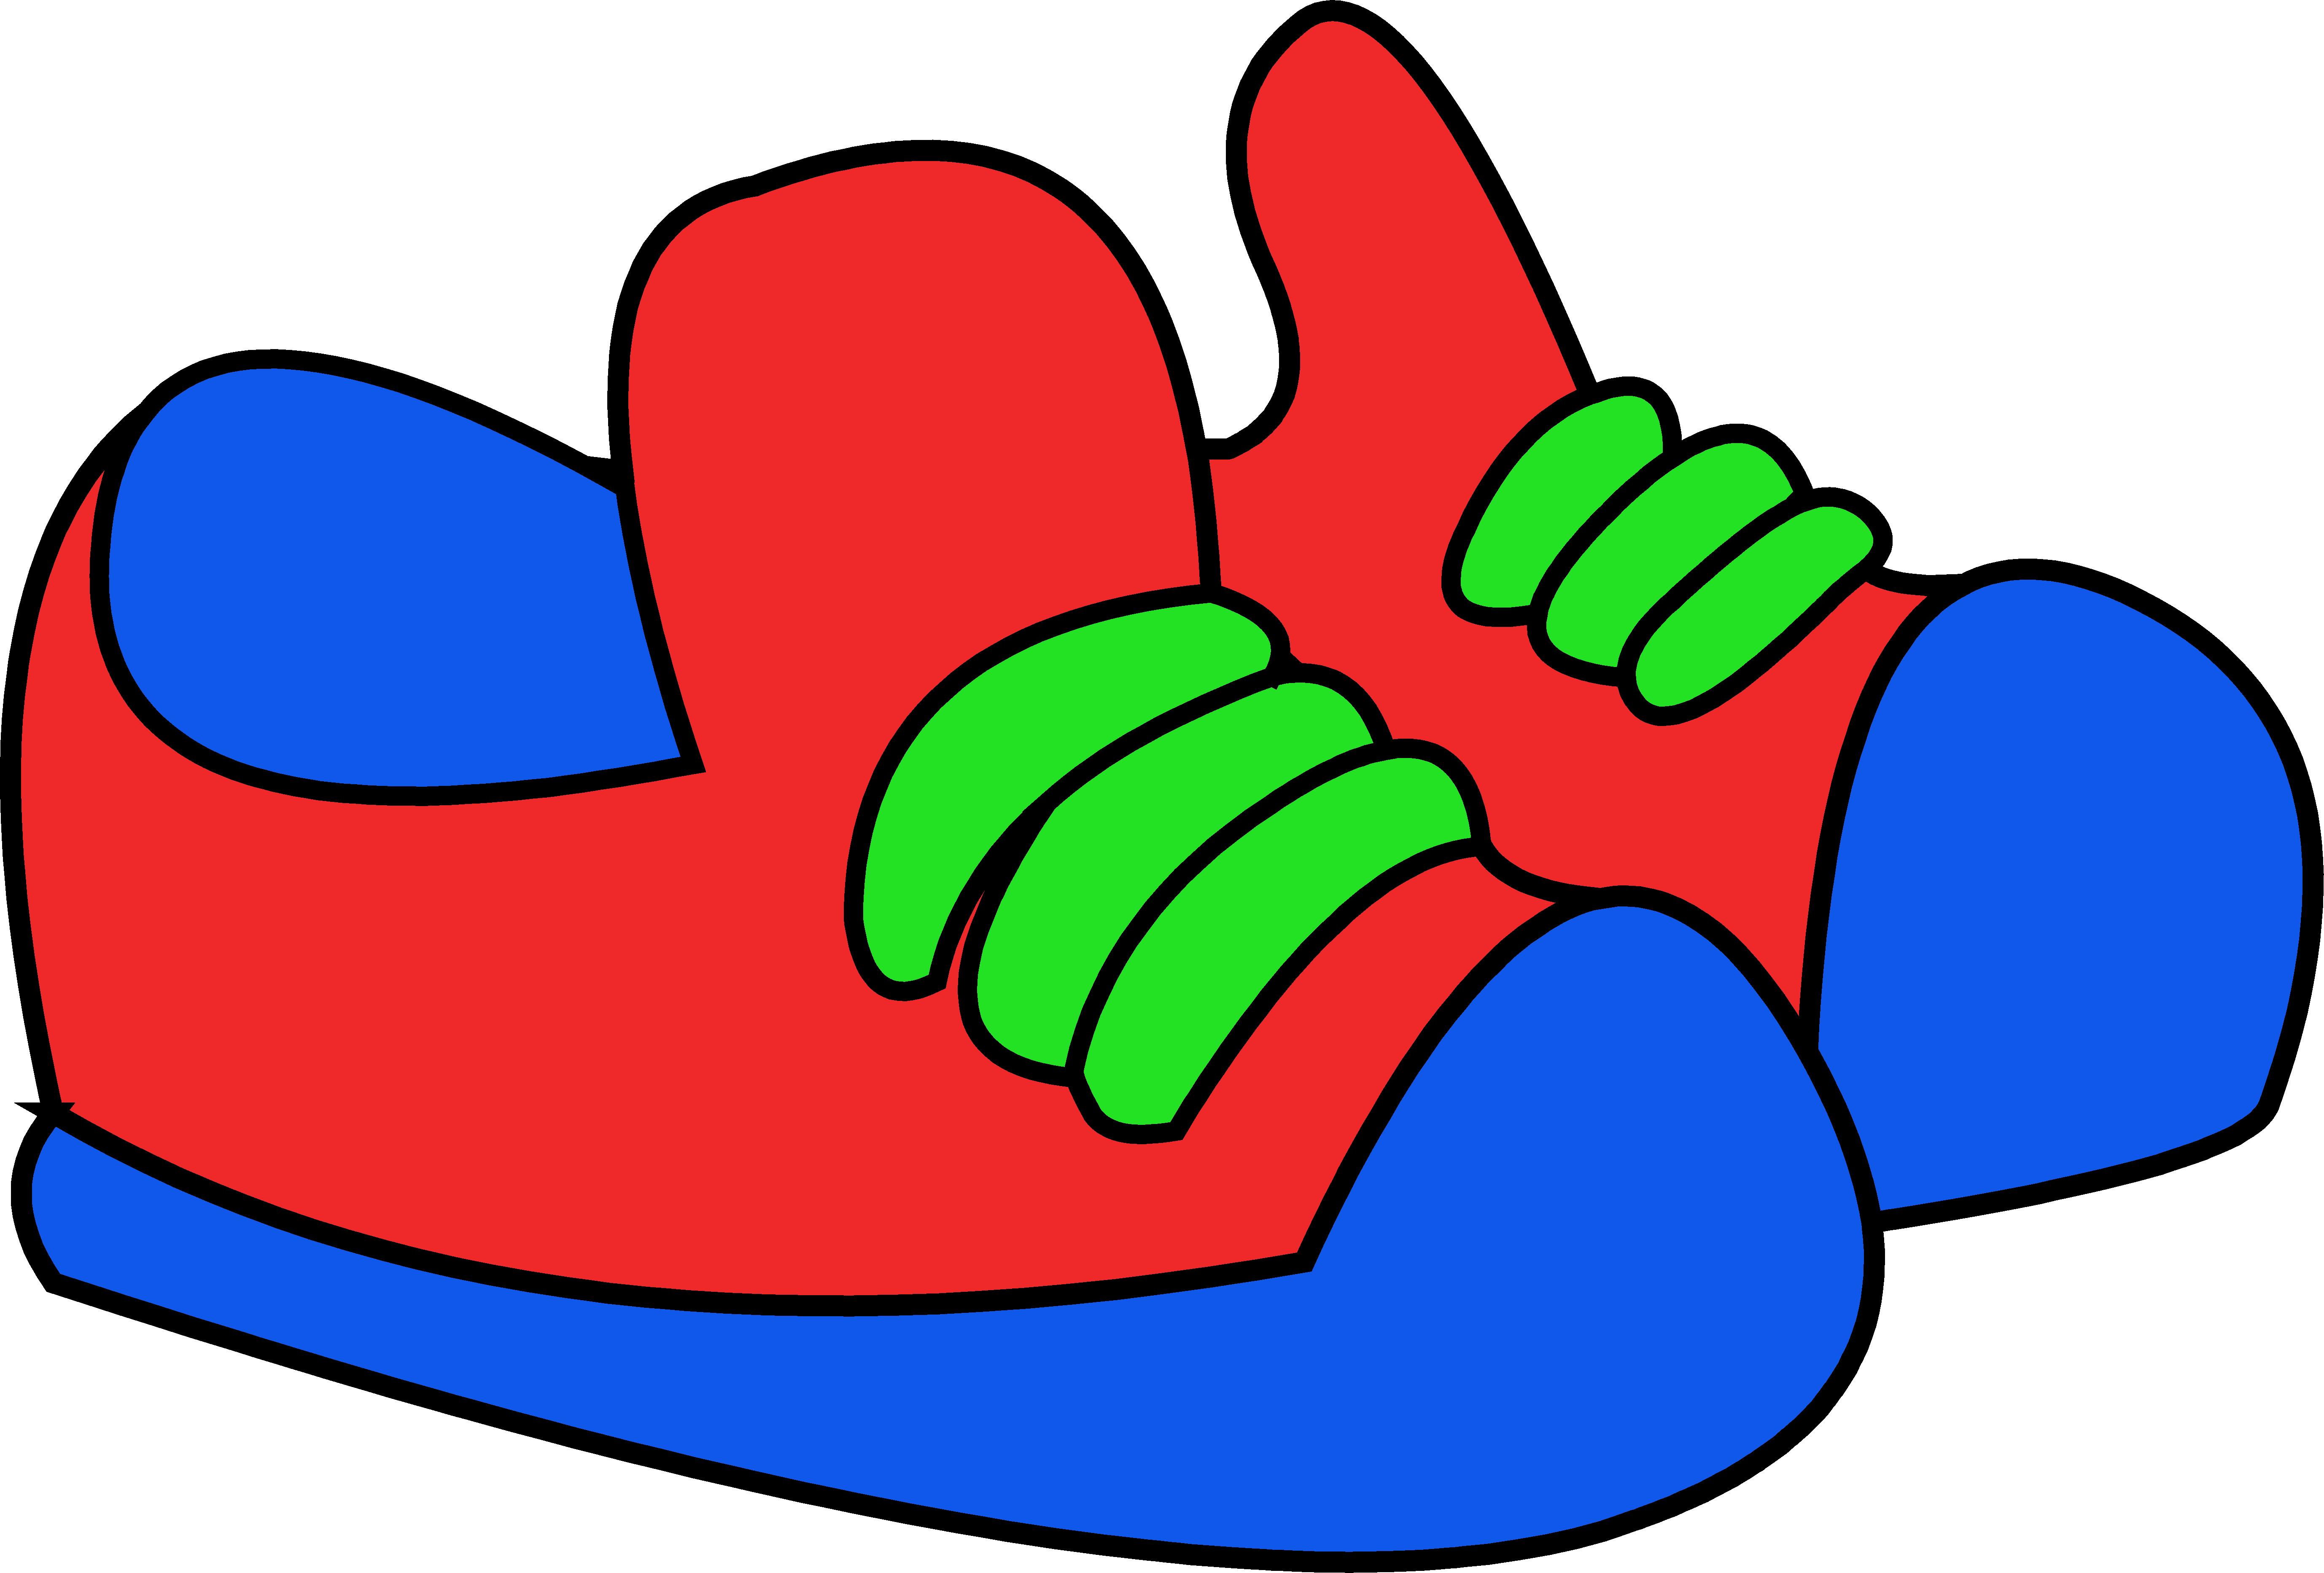 shoe clipart-shoe clipart-2